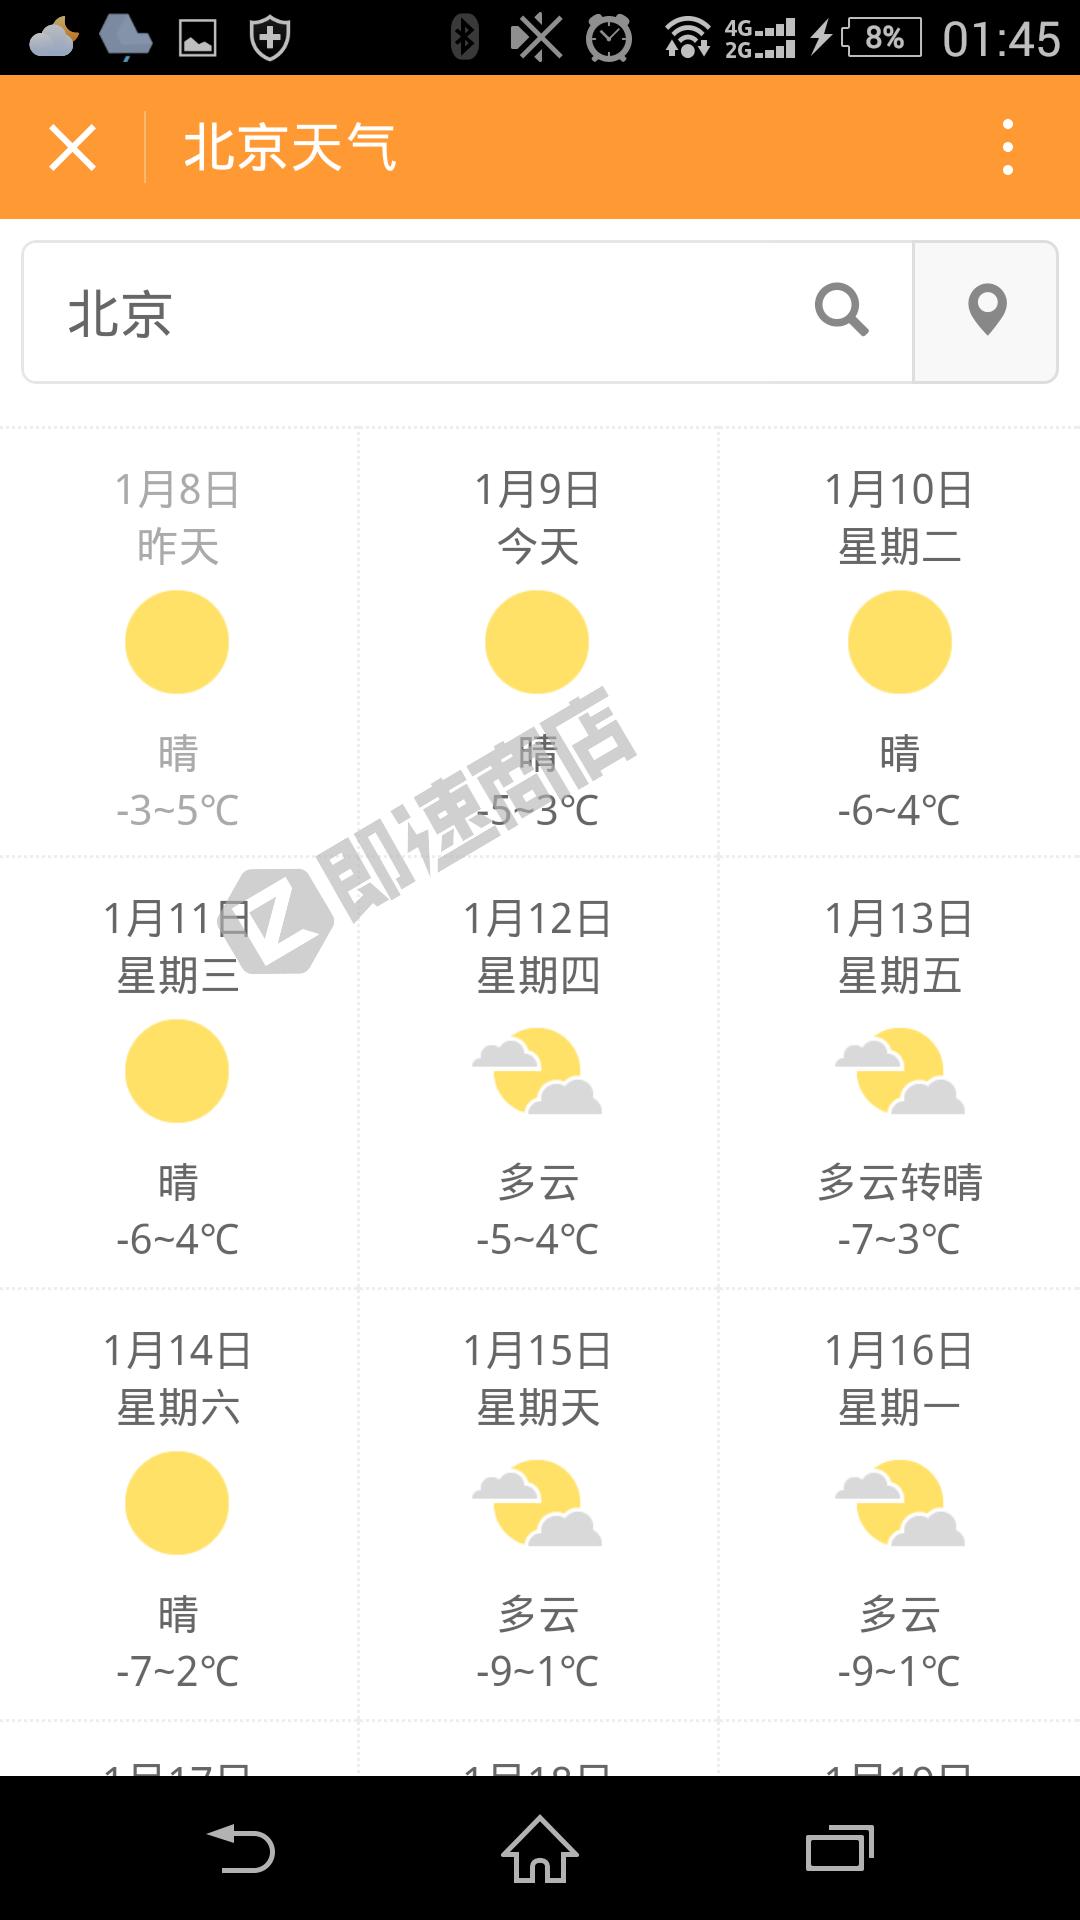 30天天气预报小程序列表页截图